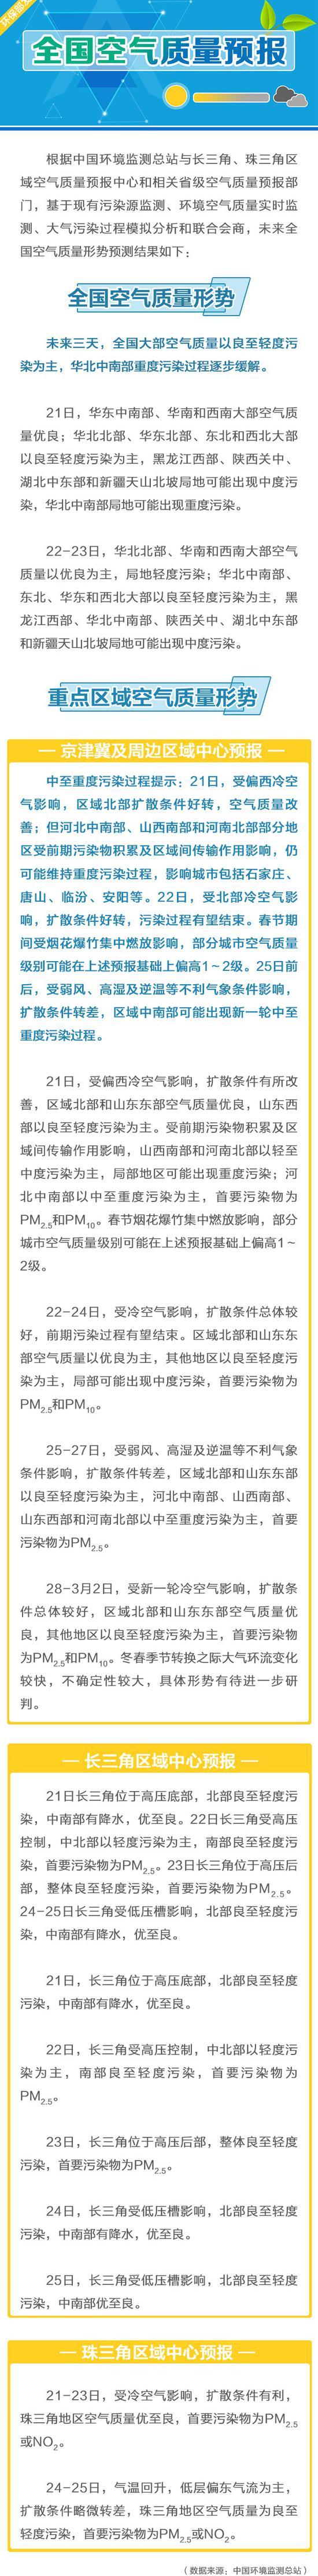 北京pk10骗局全过程:环保部:未来三天华北中南部重度污染过程逐步缓解